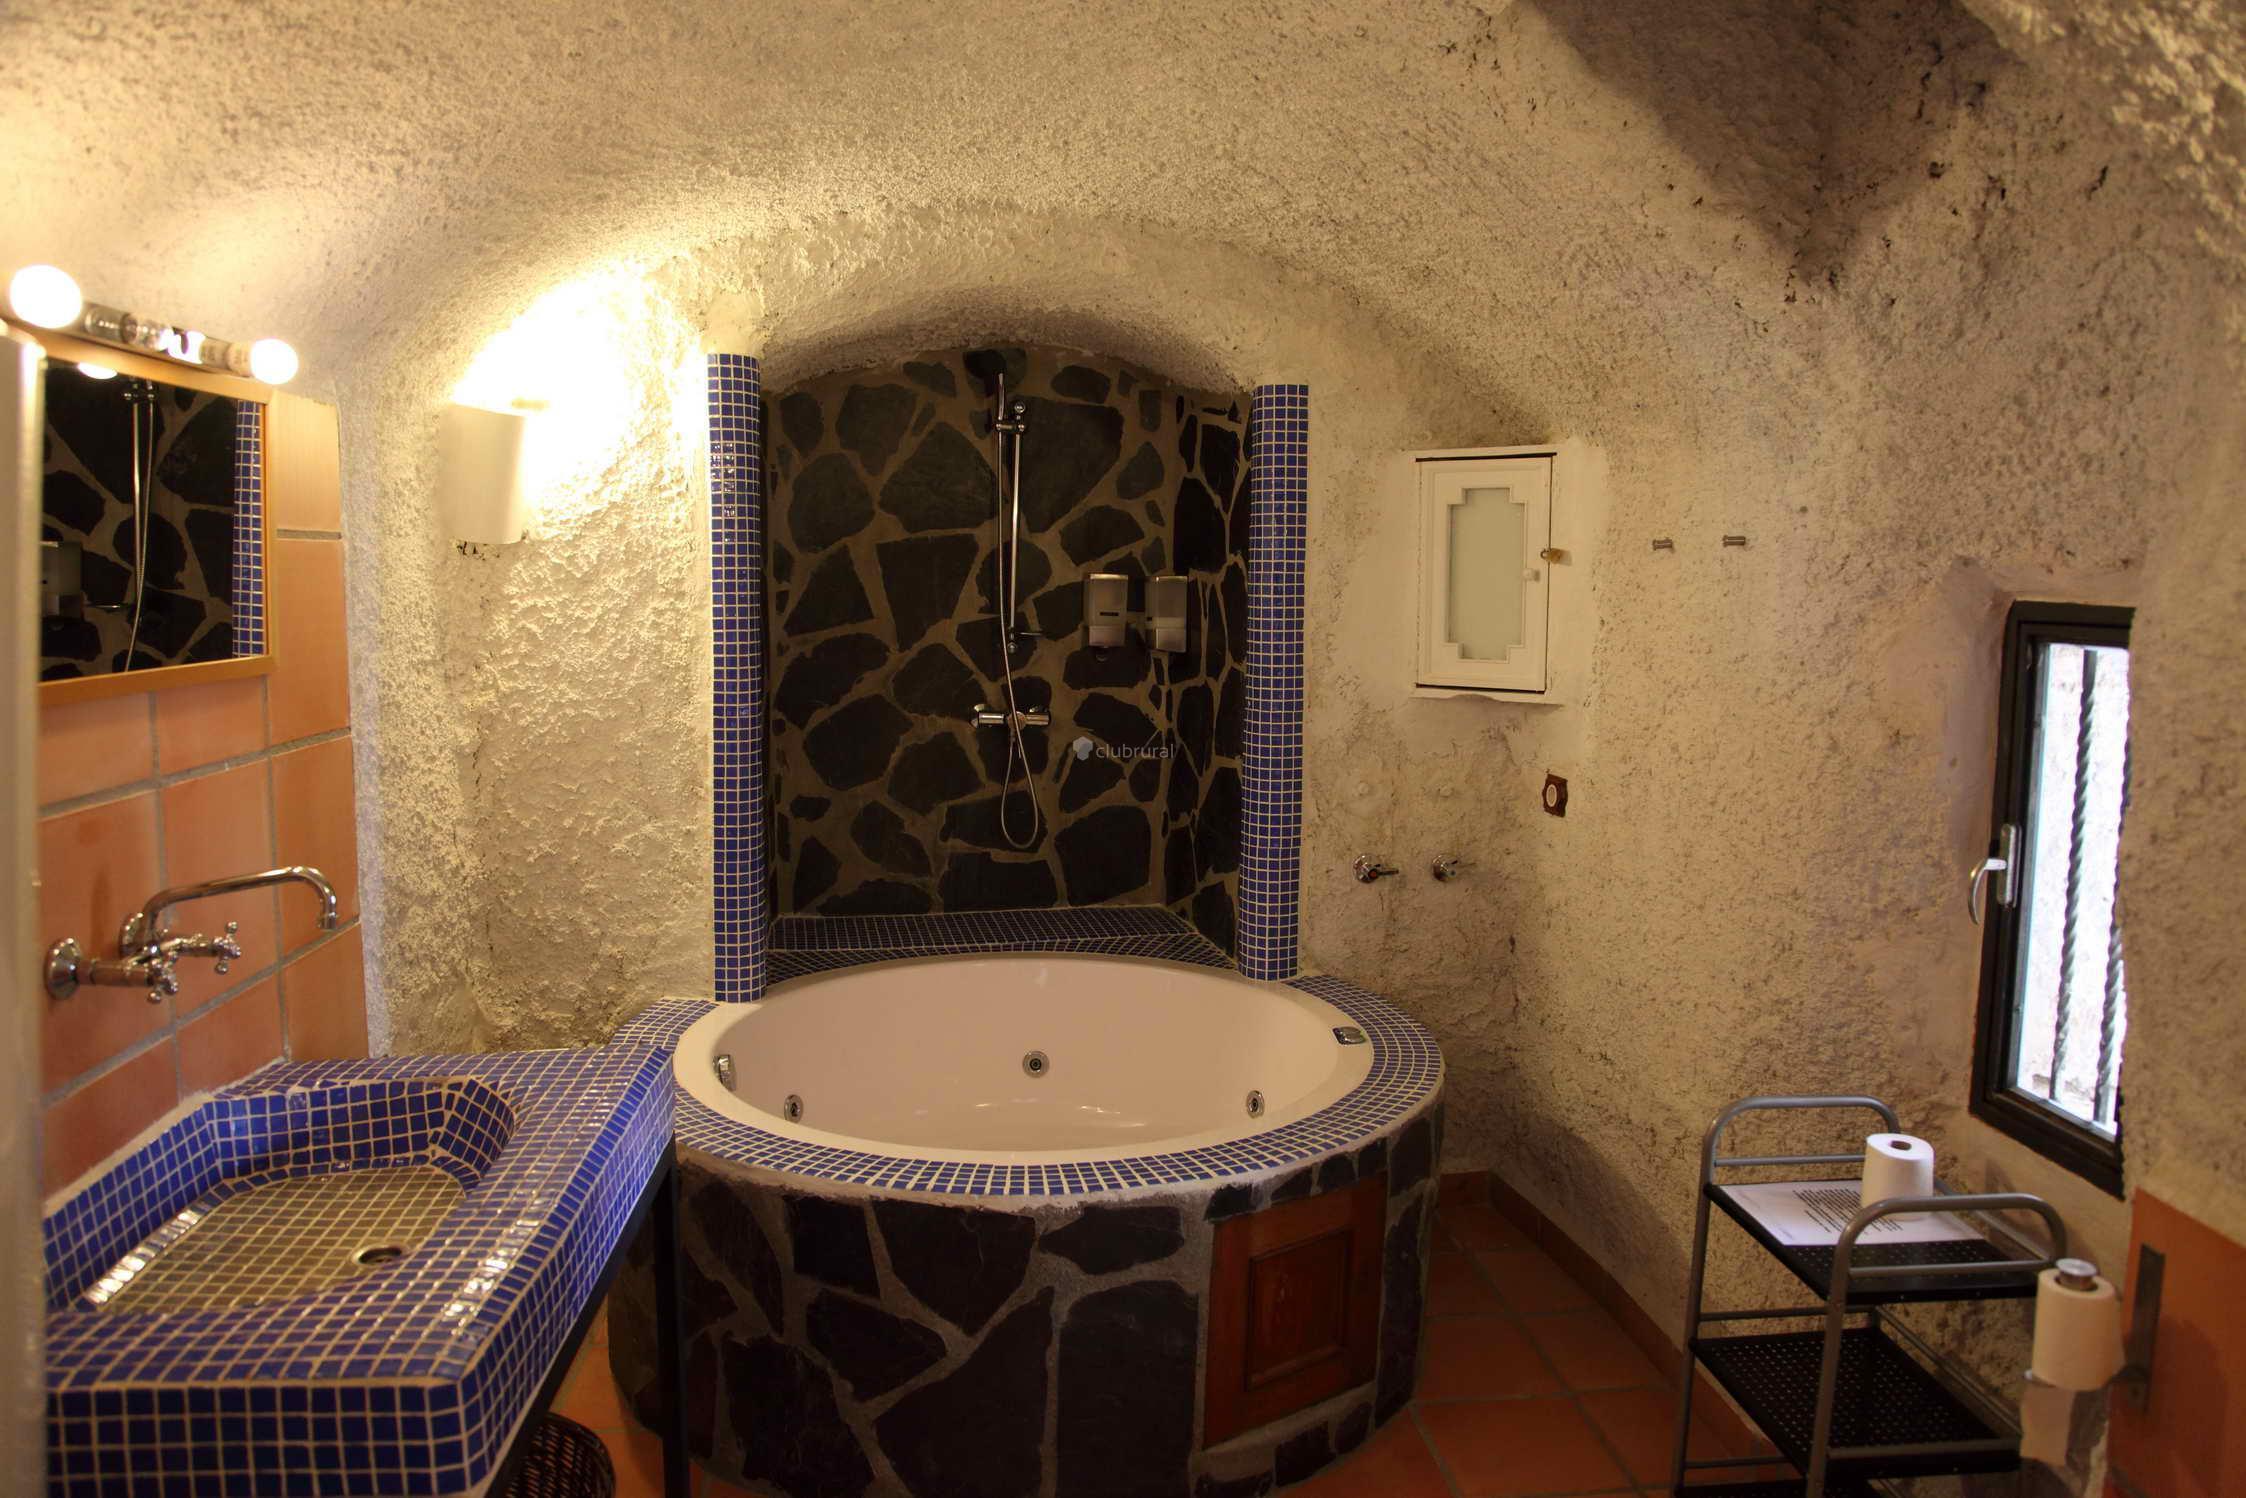 Fotos de casas cueva la tala granada guadix clubrural - Casas cueva granada jacuzzi ...